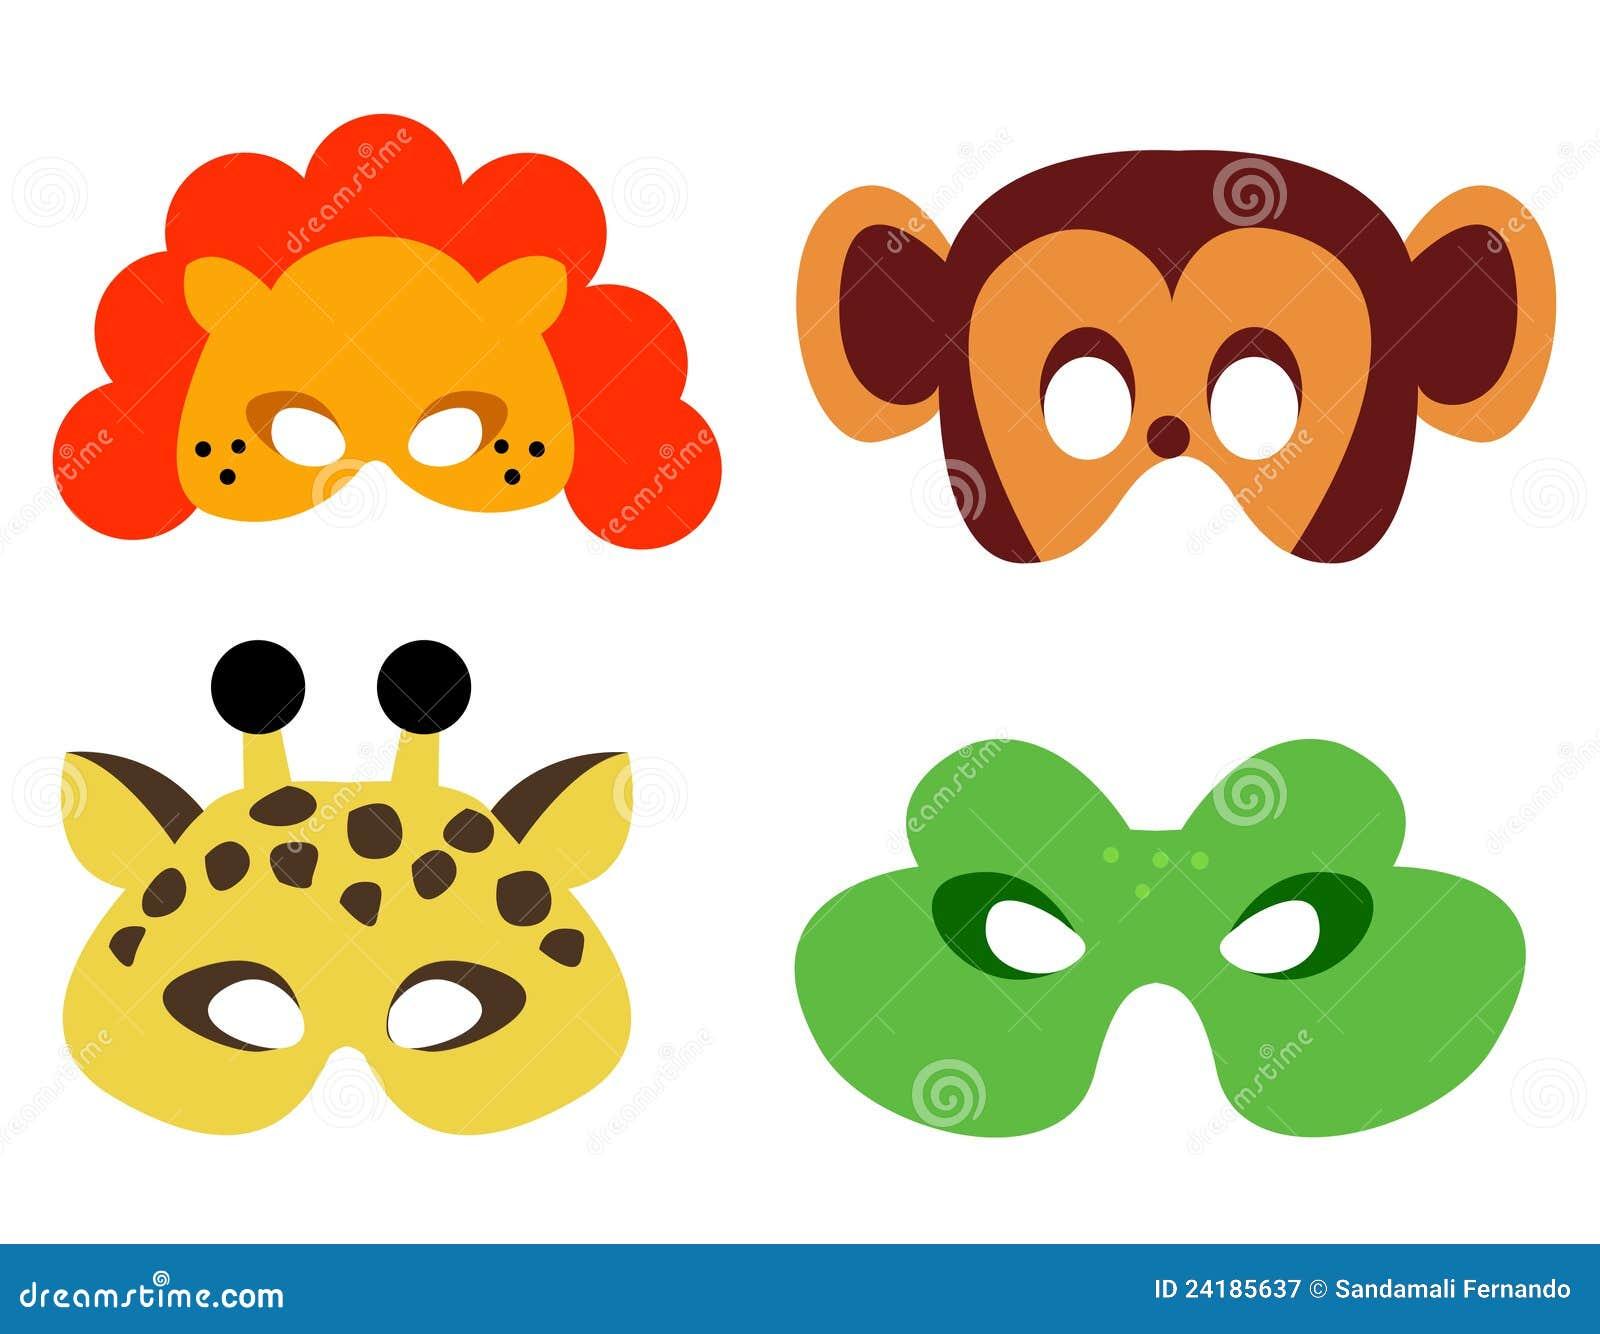 Animal Mask Royalty Free Stock Photography Image 24185637